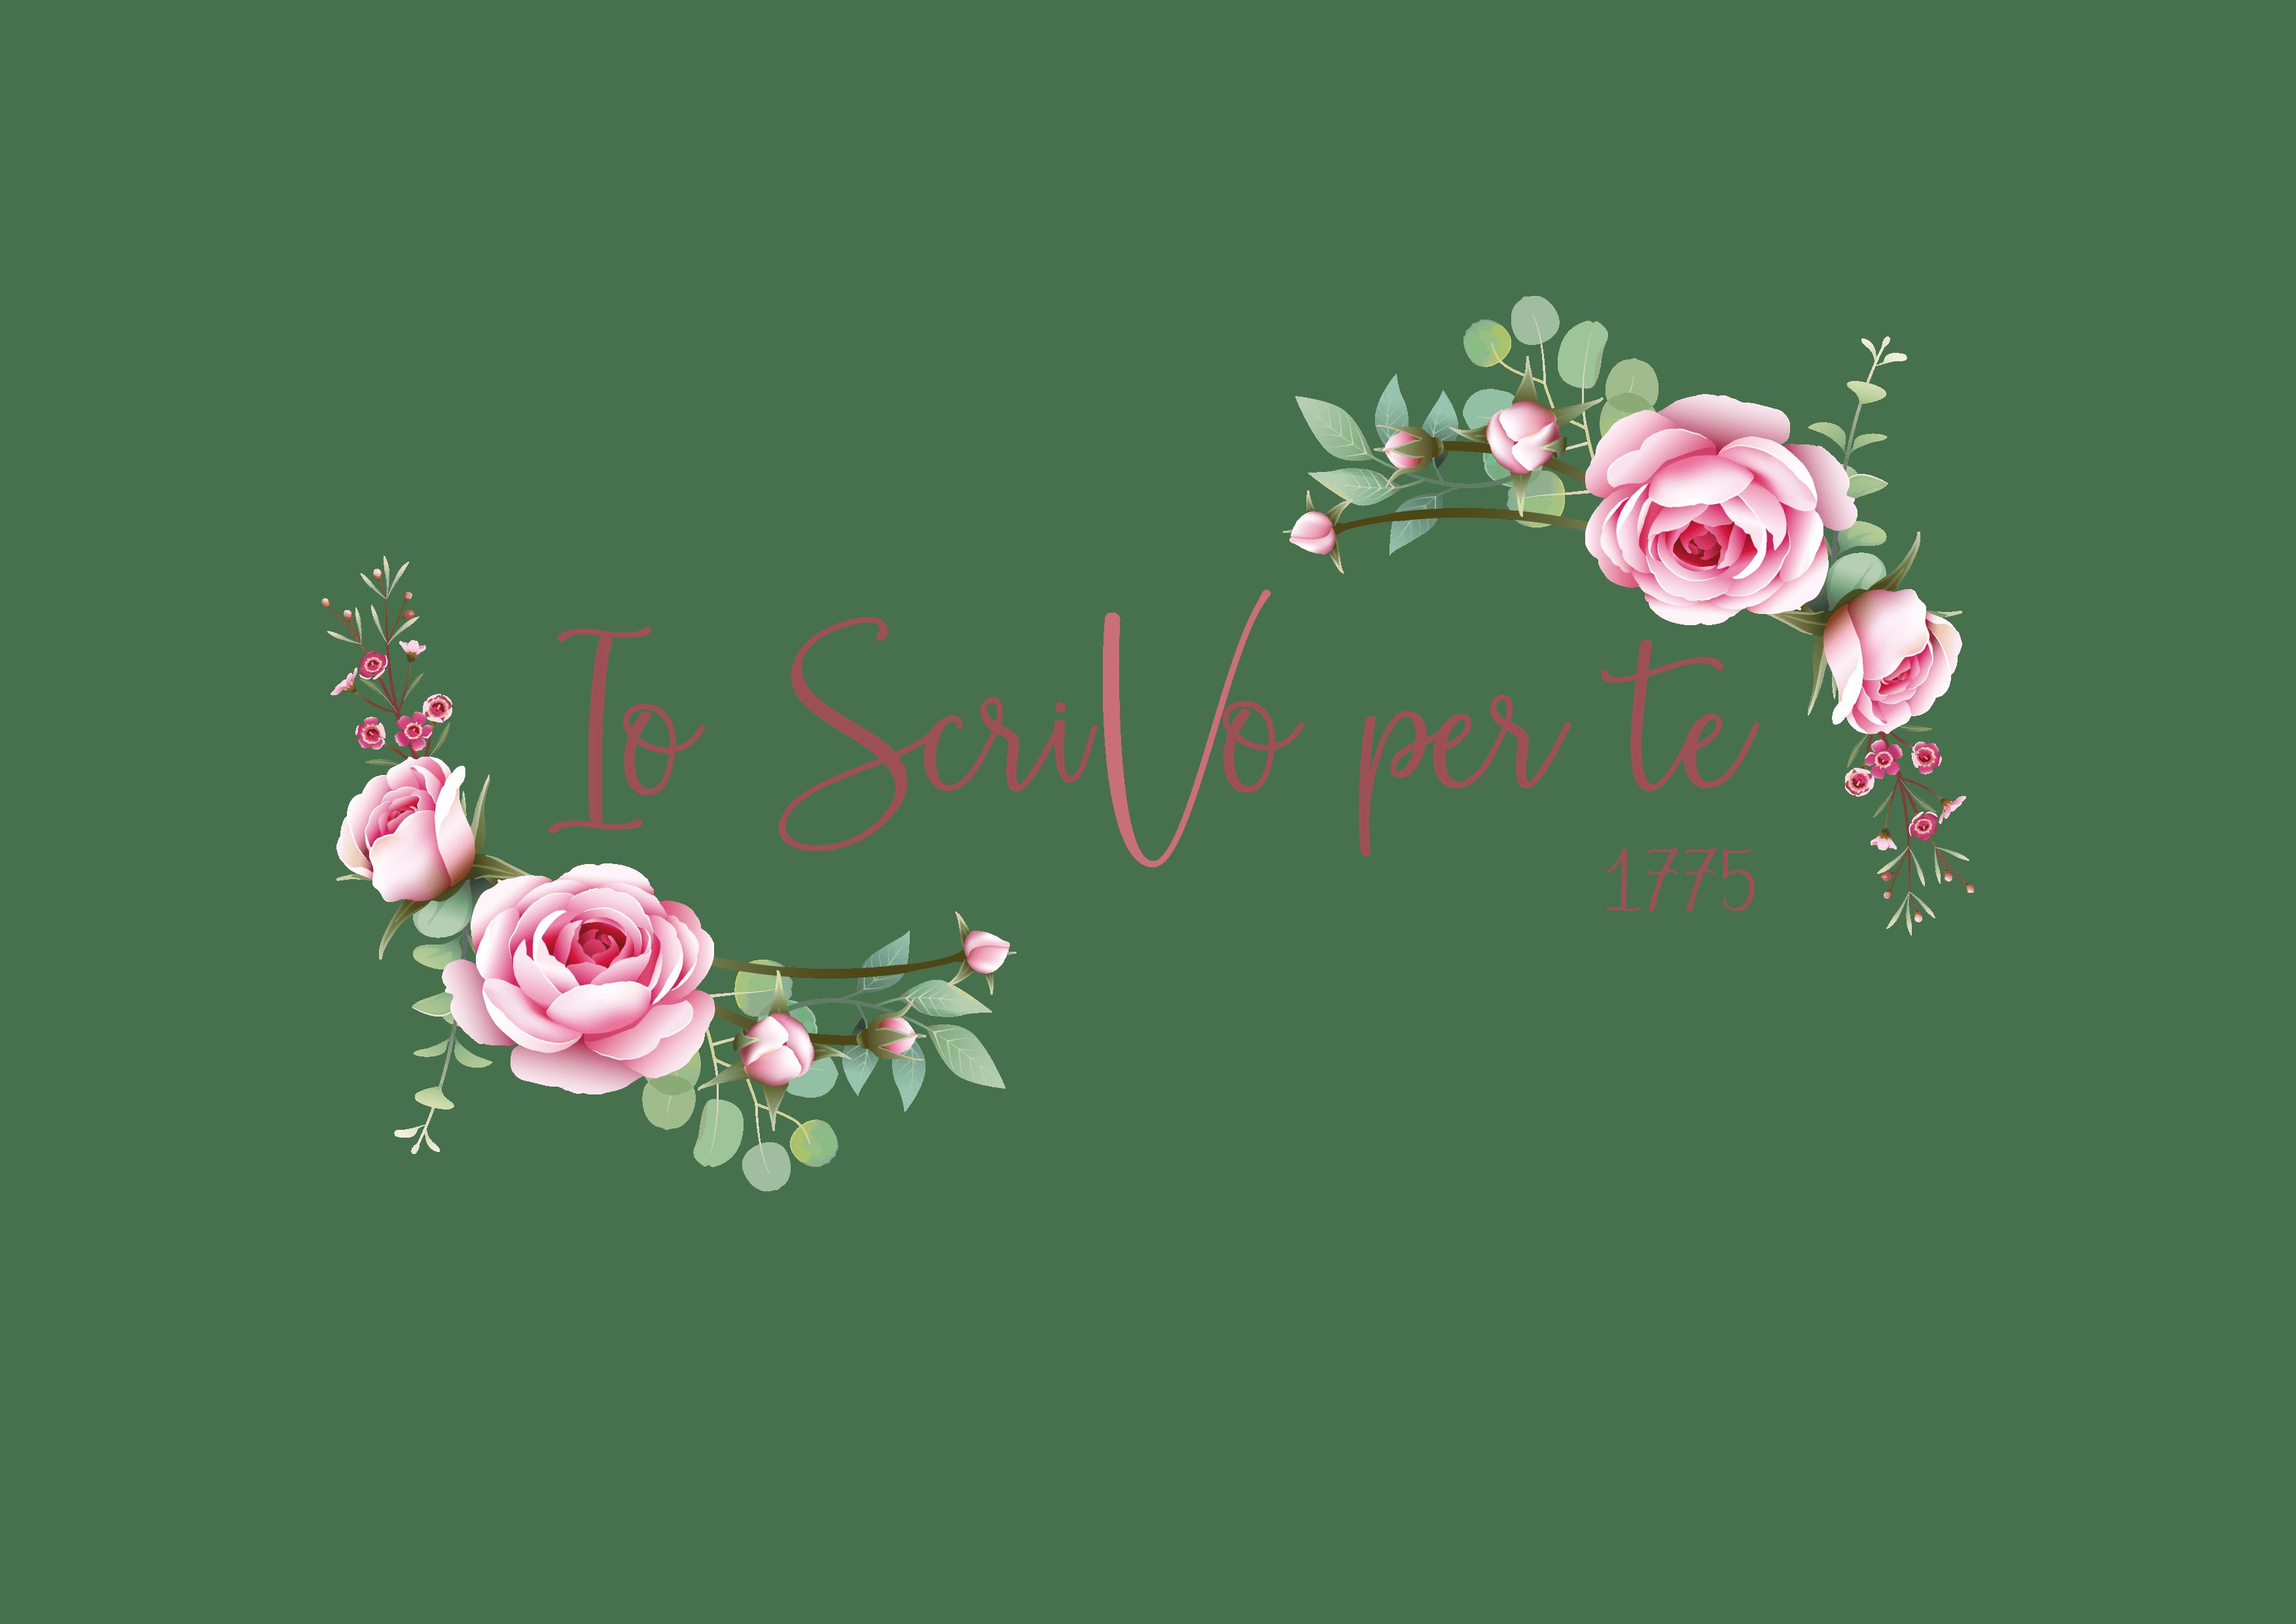 Leonteweb di Sara Cosimano Io ScriVo per Te Logo Grafica Pubblicitaria